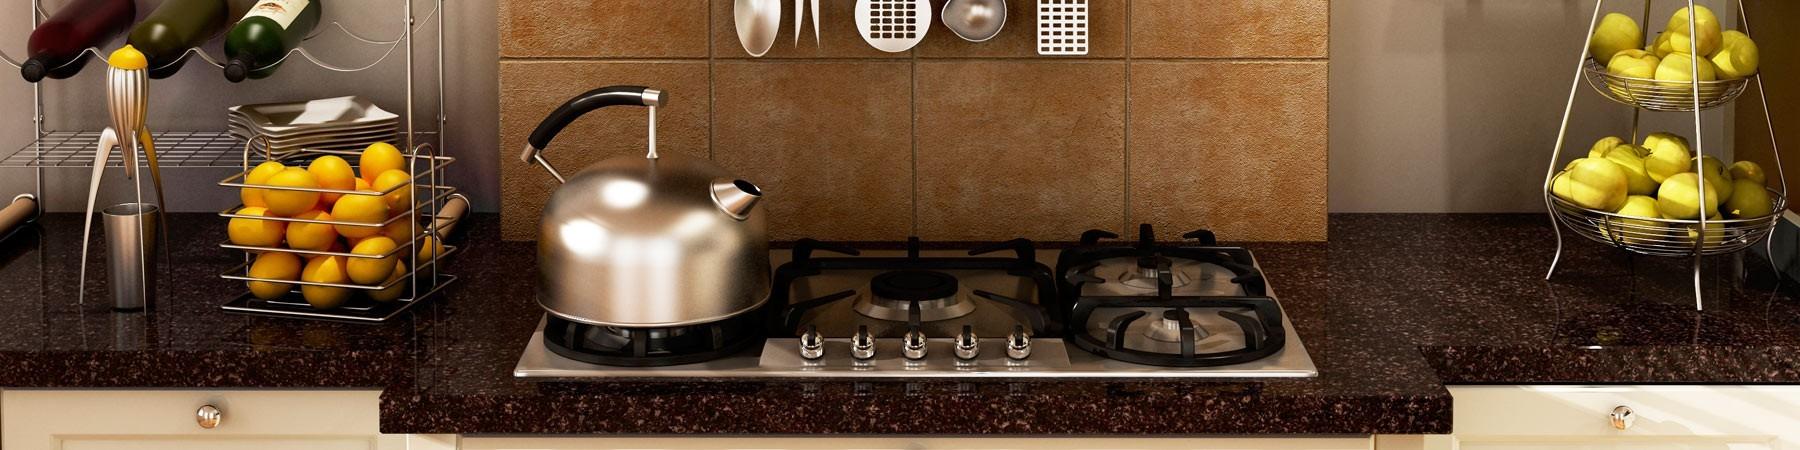 Đồ dùng,gia dụng thông minh tiện ích trên bàn ăn gia đình, phòng bếp.